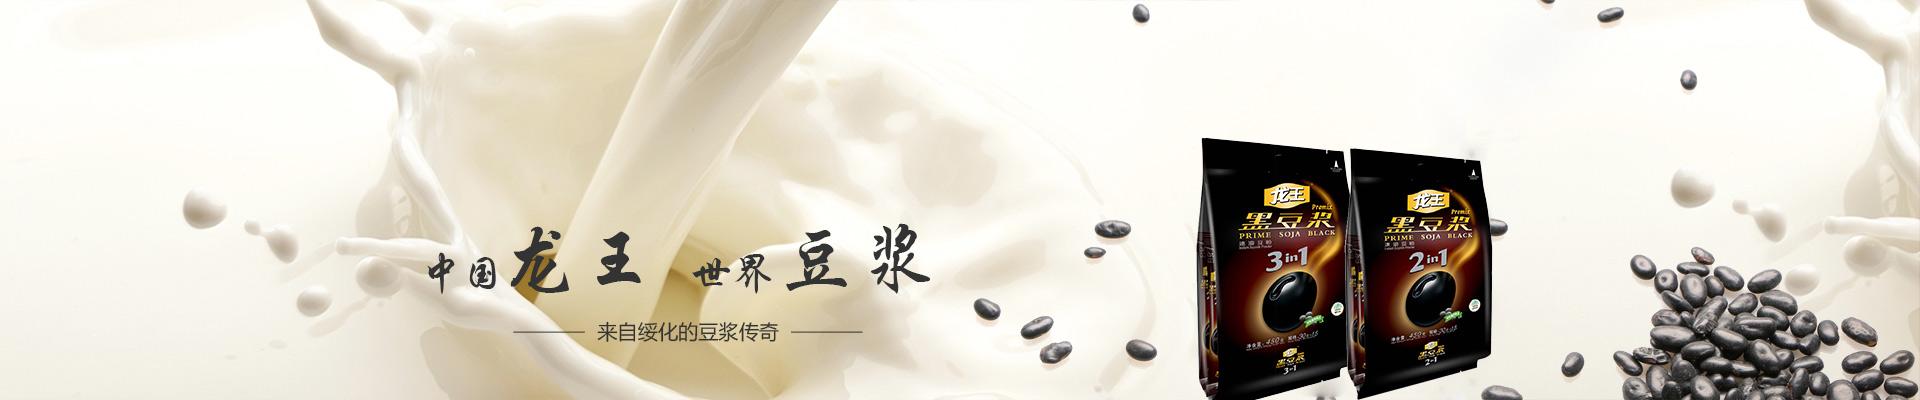 黑龍江省農墾龍王食品有限責任公司